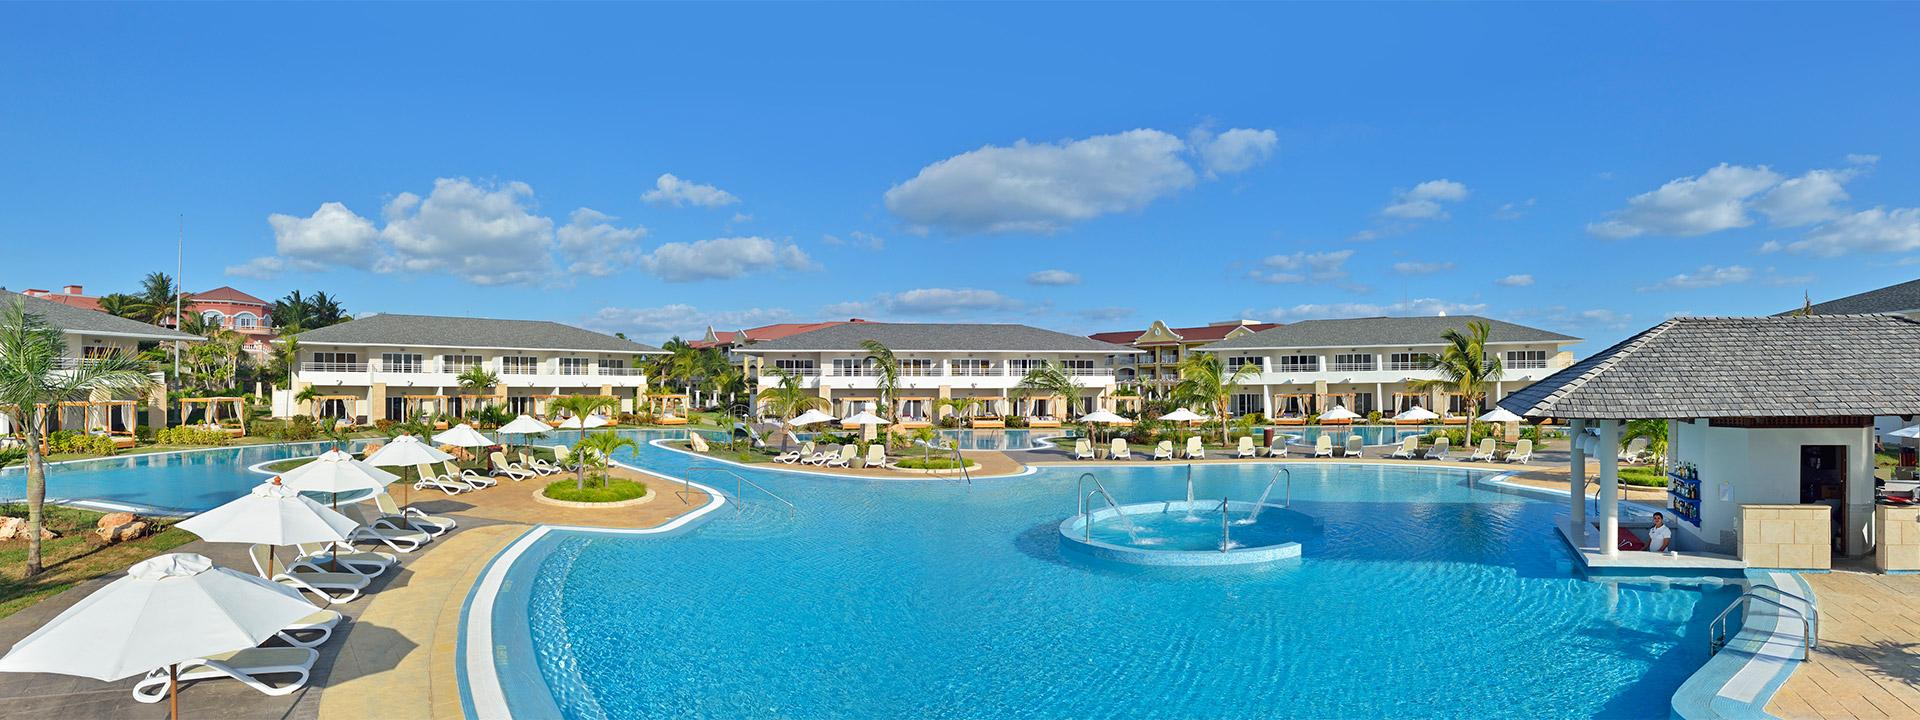 Hotelería cubana con seis postulaciones a los premios World Travel Awards